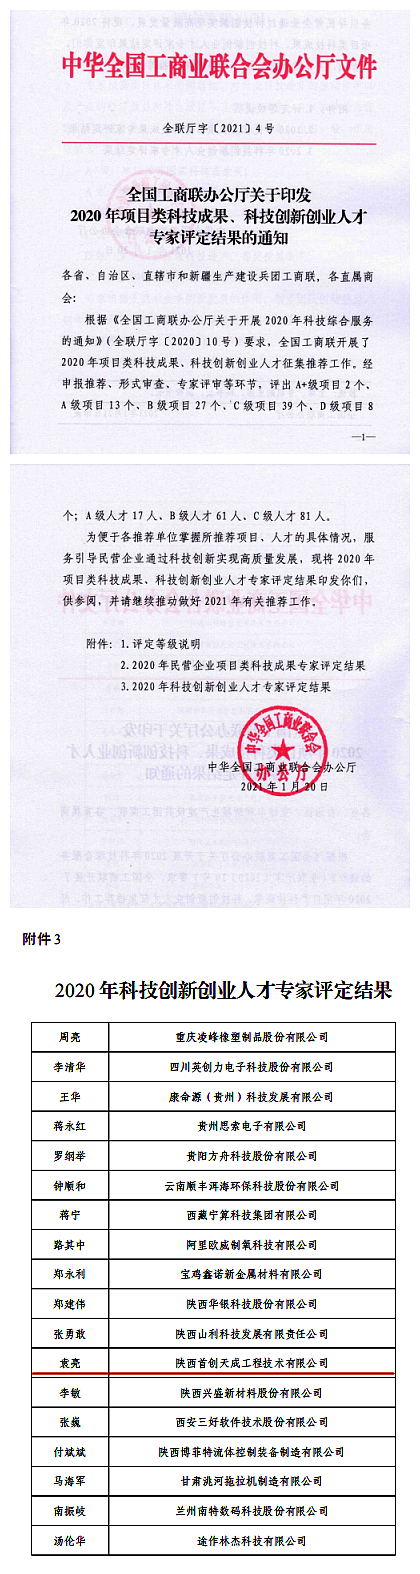 热烈祝贺首创天成设计院董事长、总经理、党支部书记袁亮 获颁全国工商联荣誉称号